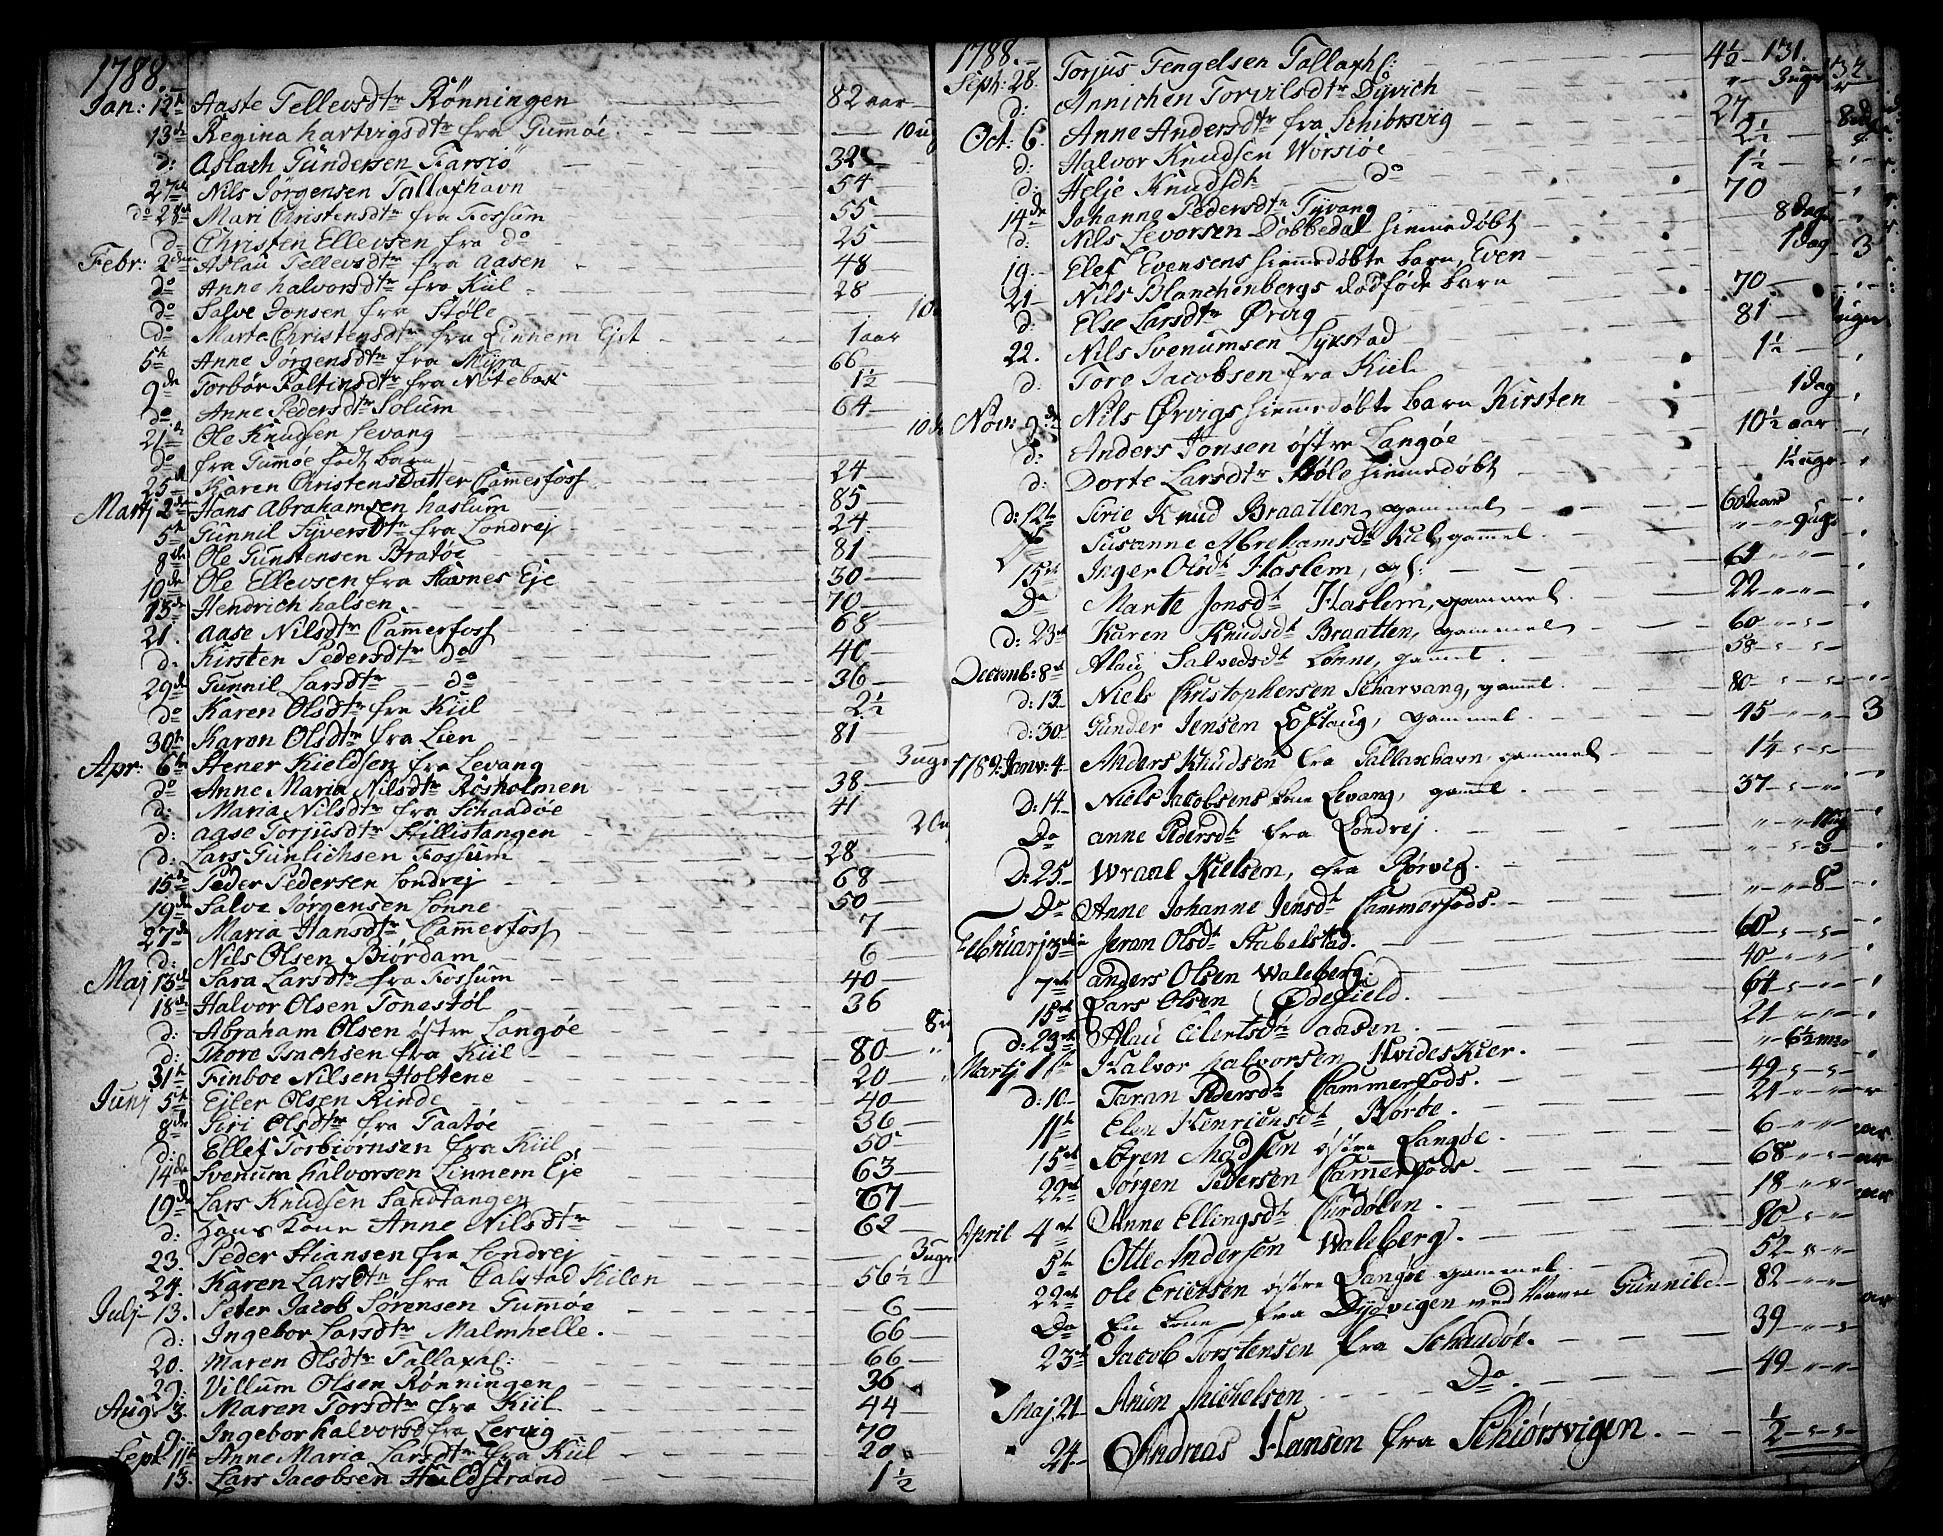 SAKO, Sannidal kirkebøker, F/Fa/L0002: Ministerialbok nr. 2, 1767-1802, s. 131